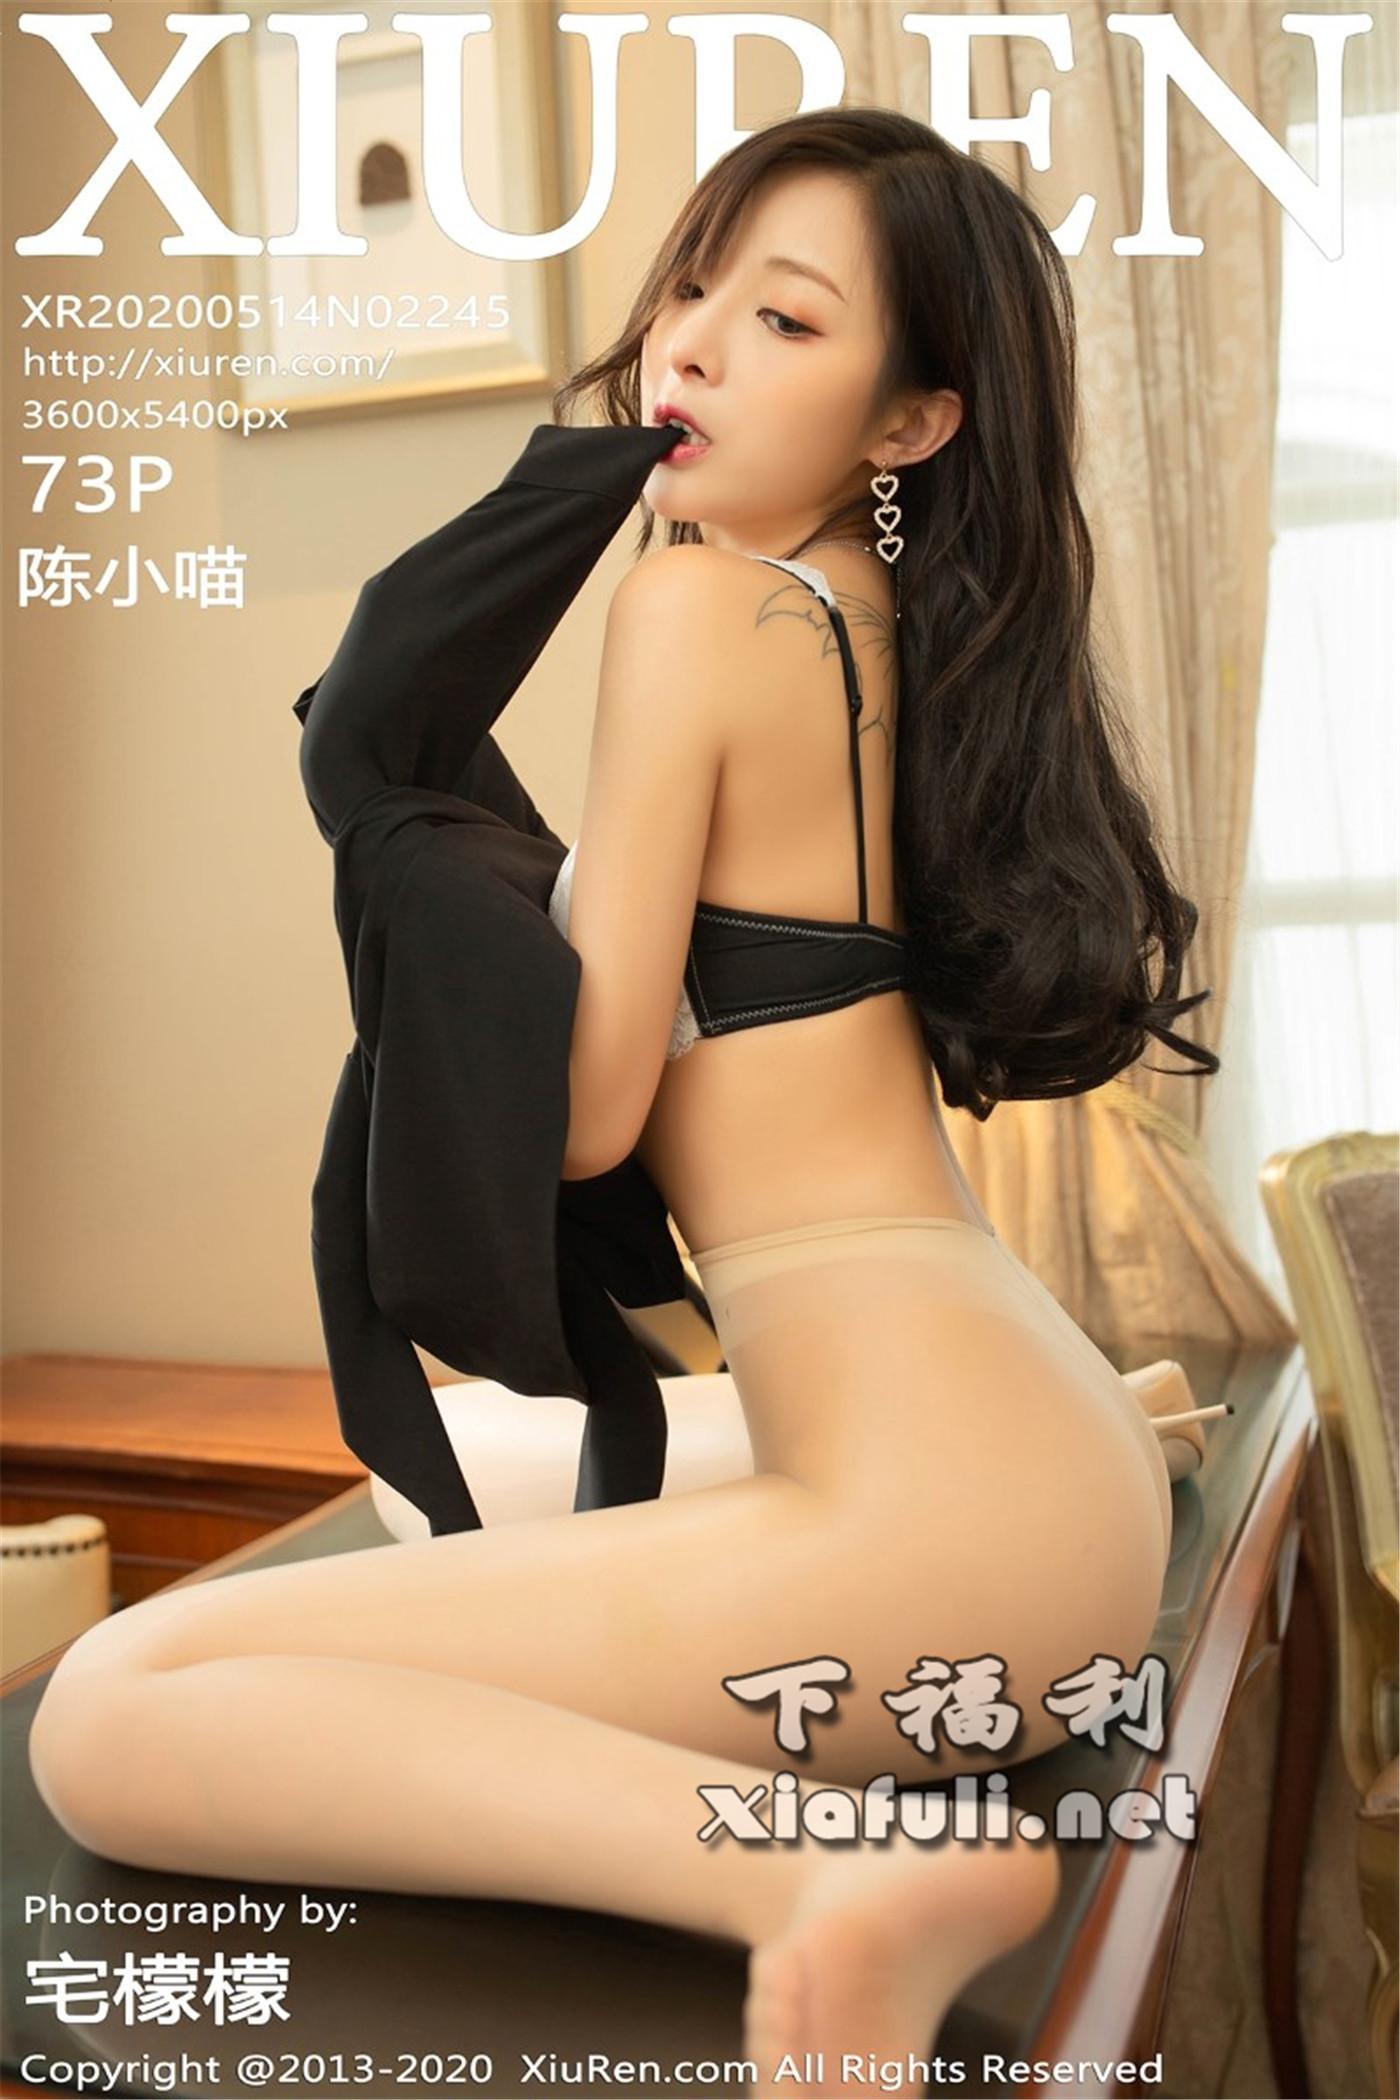 [XIUREN秀人网] 2020.05.14 No.2245 陈小喵 [74P/165MB]